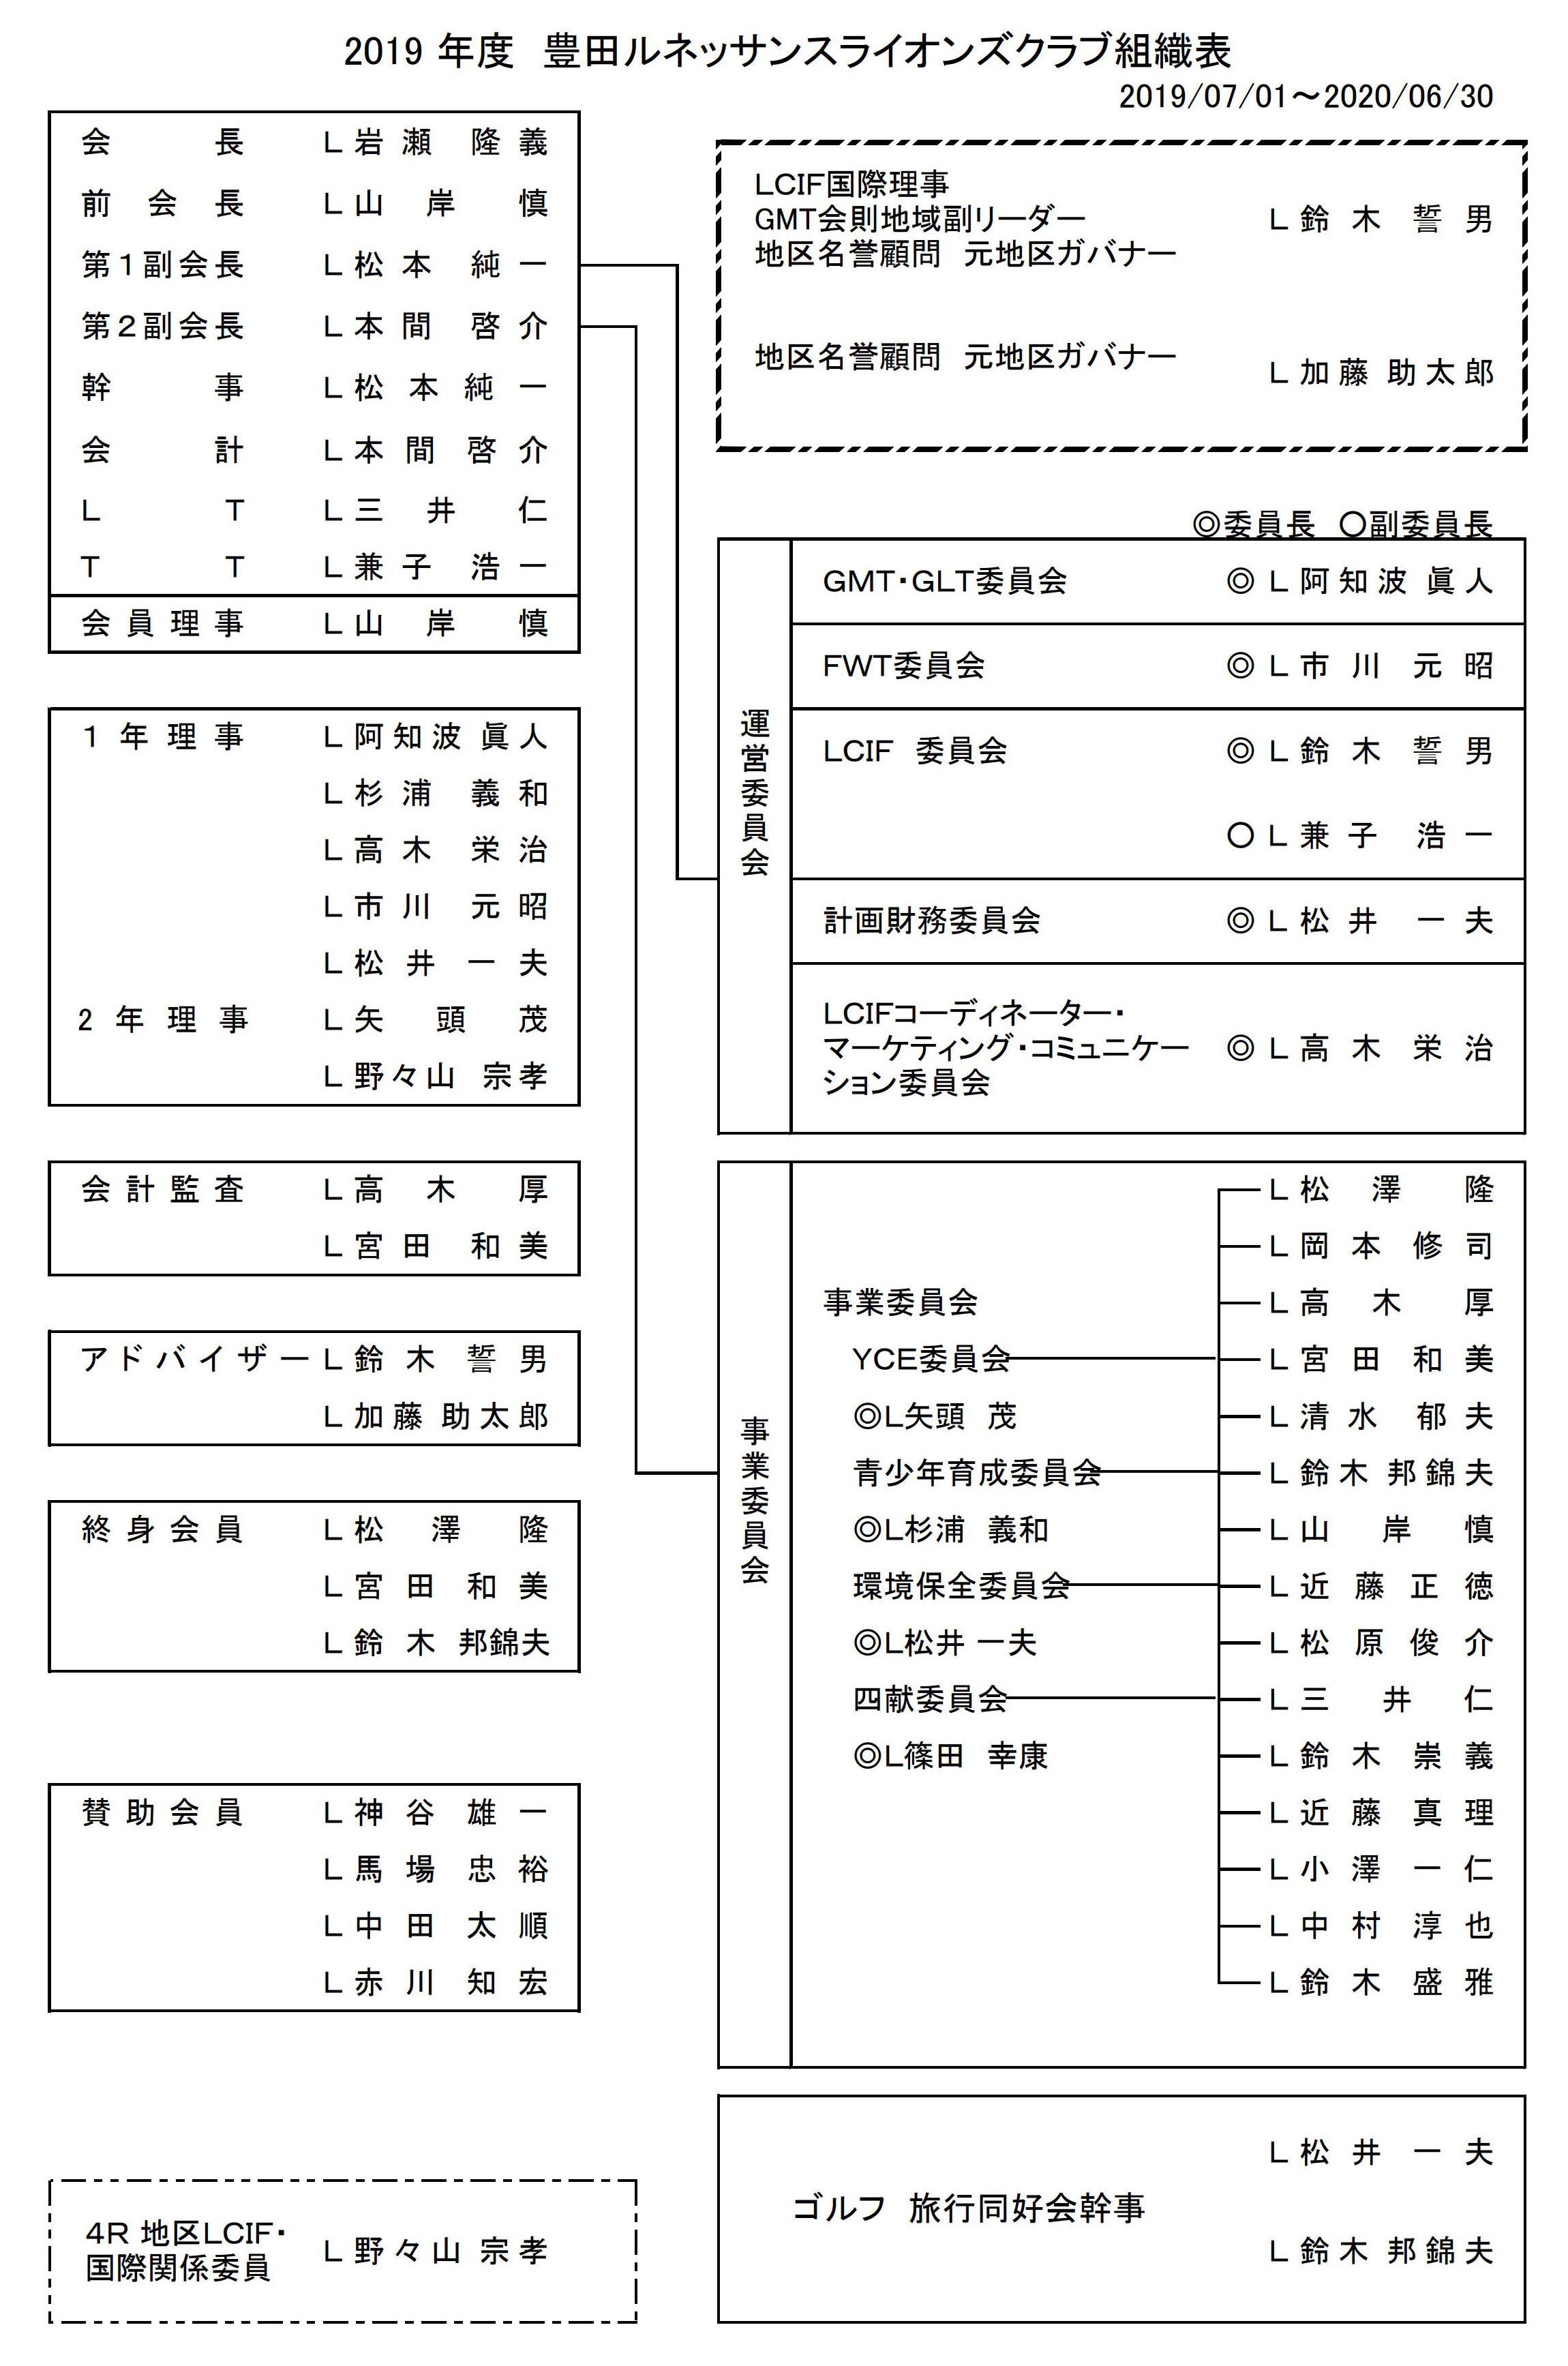 3豊田ルネッサンスLC組織表1